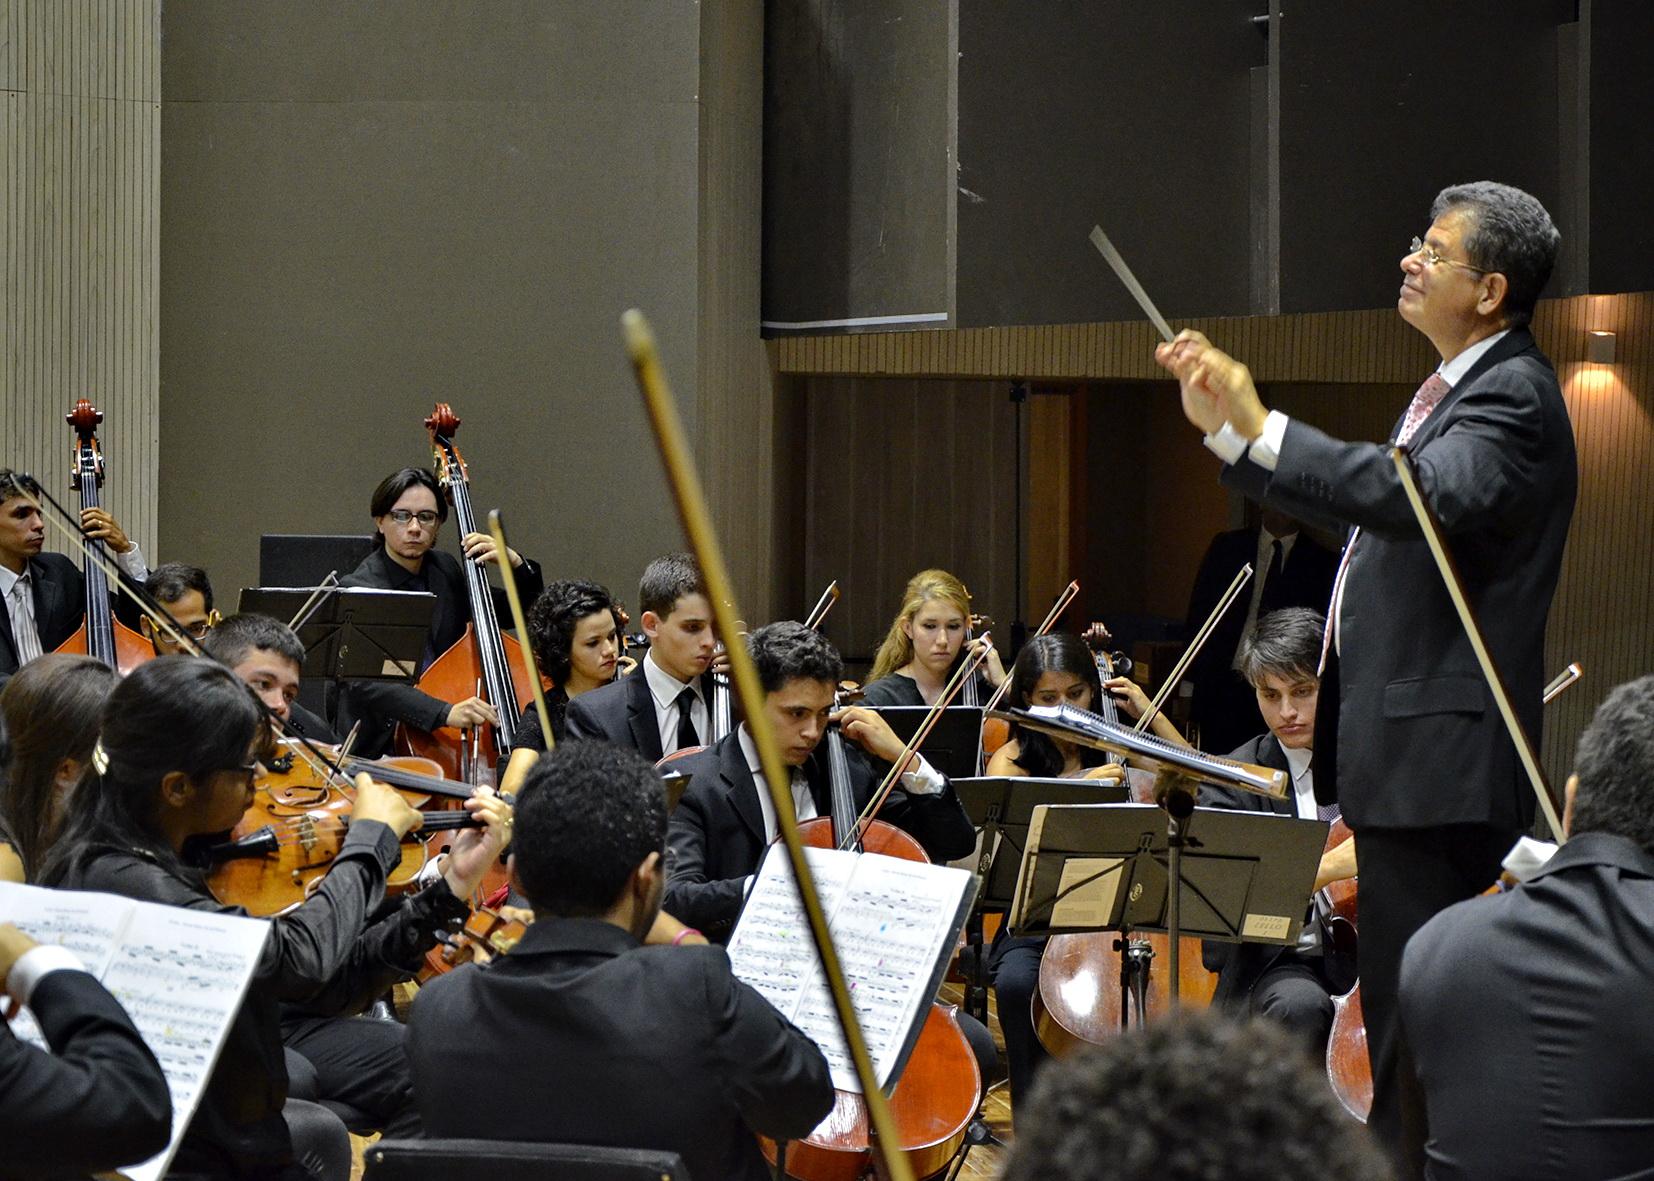 orquestra sinfonica jovem_robertoguedes (3)